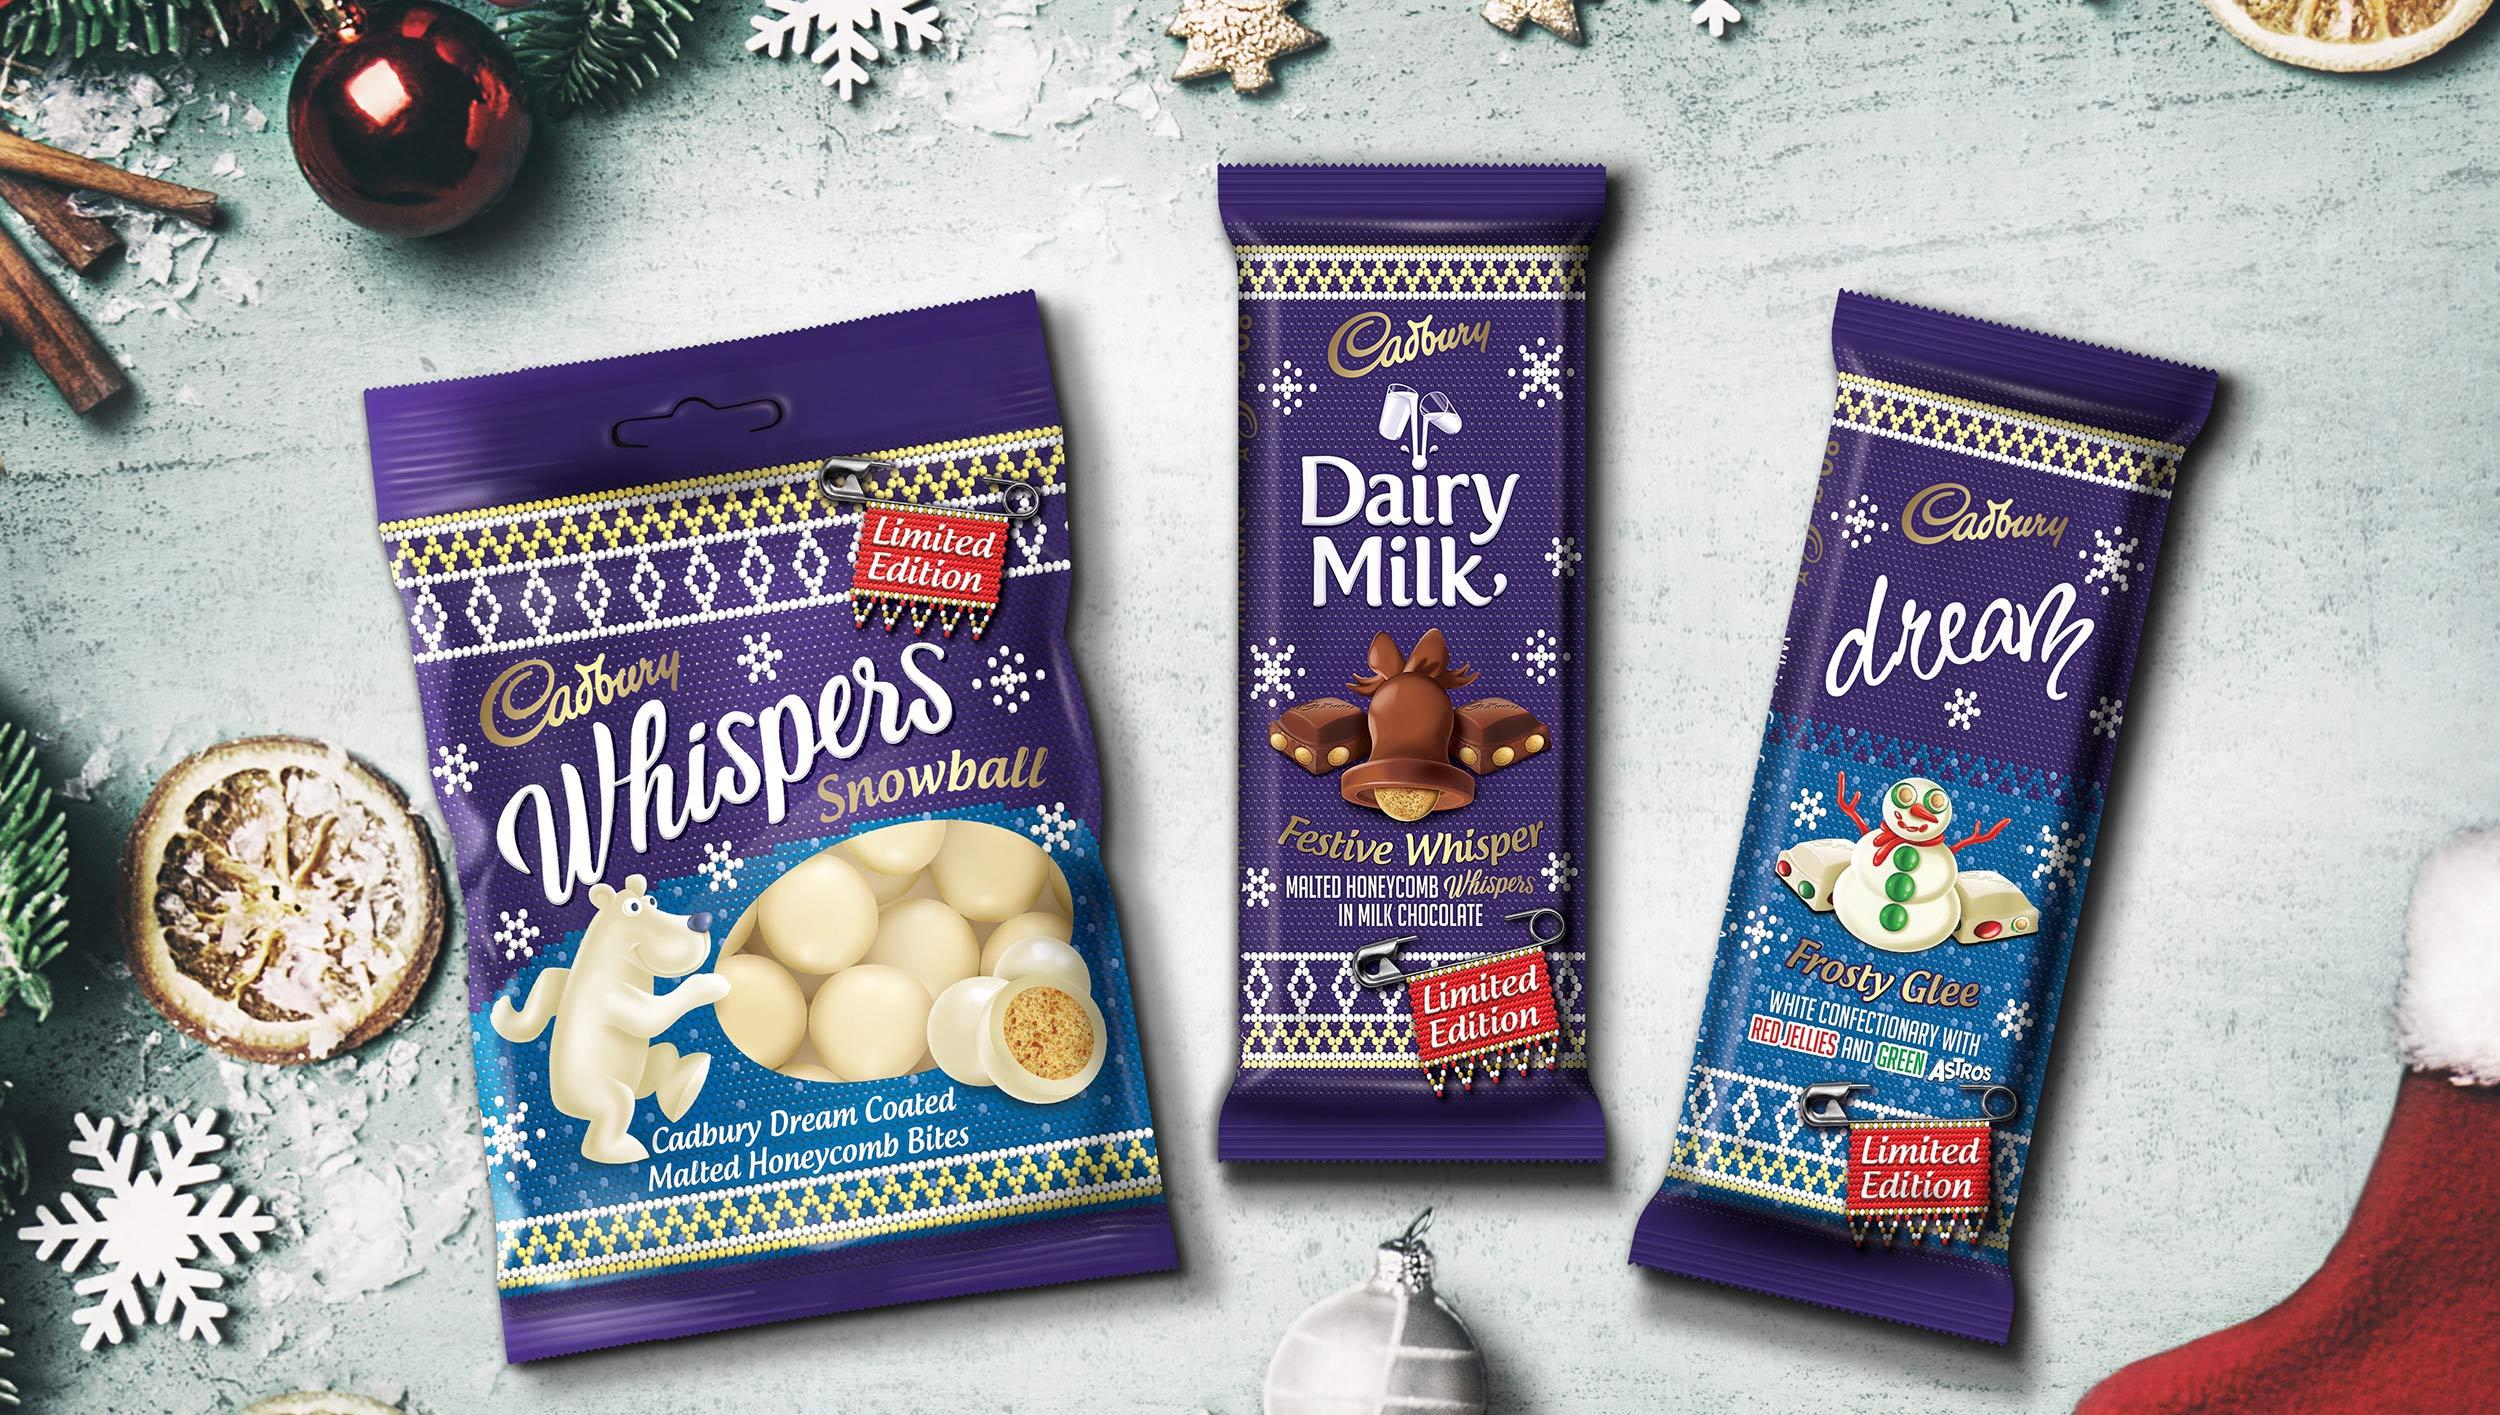 Cadbury-Christmas_Festive_4